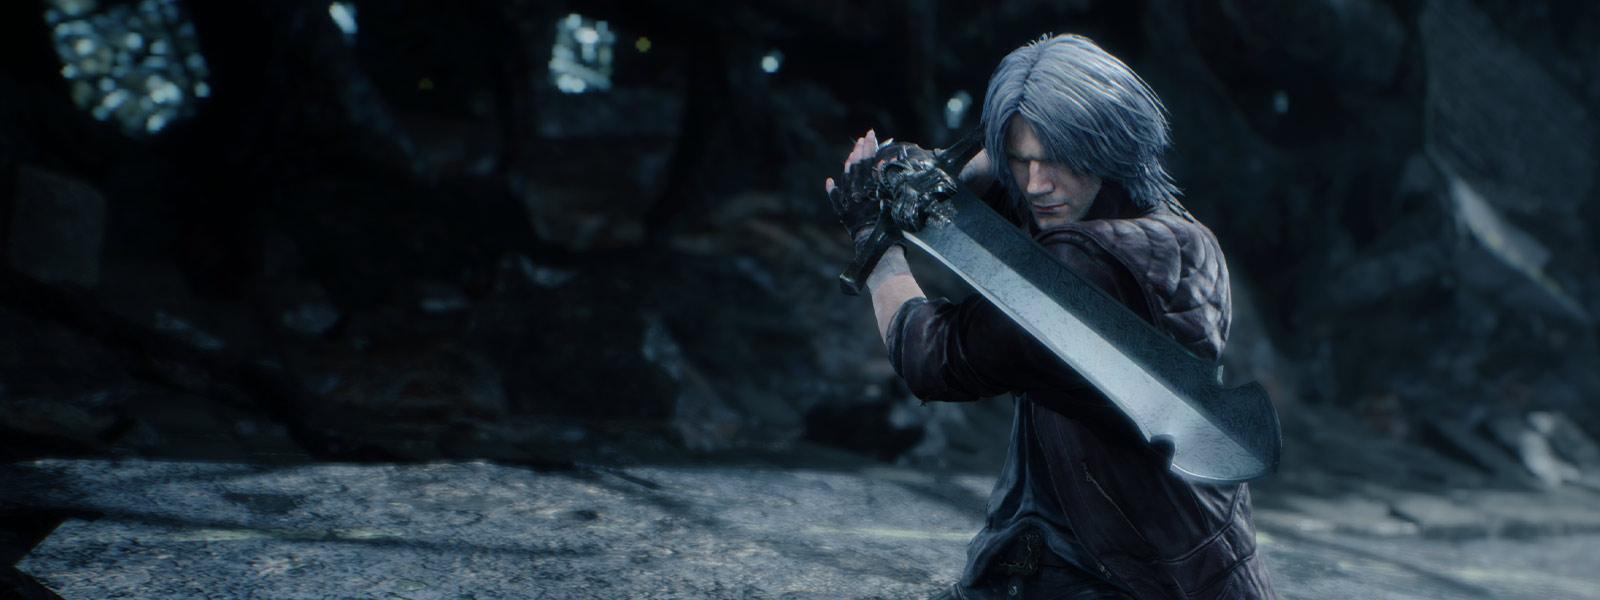 Nero står klar med sværd trukket